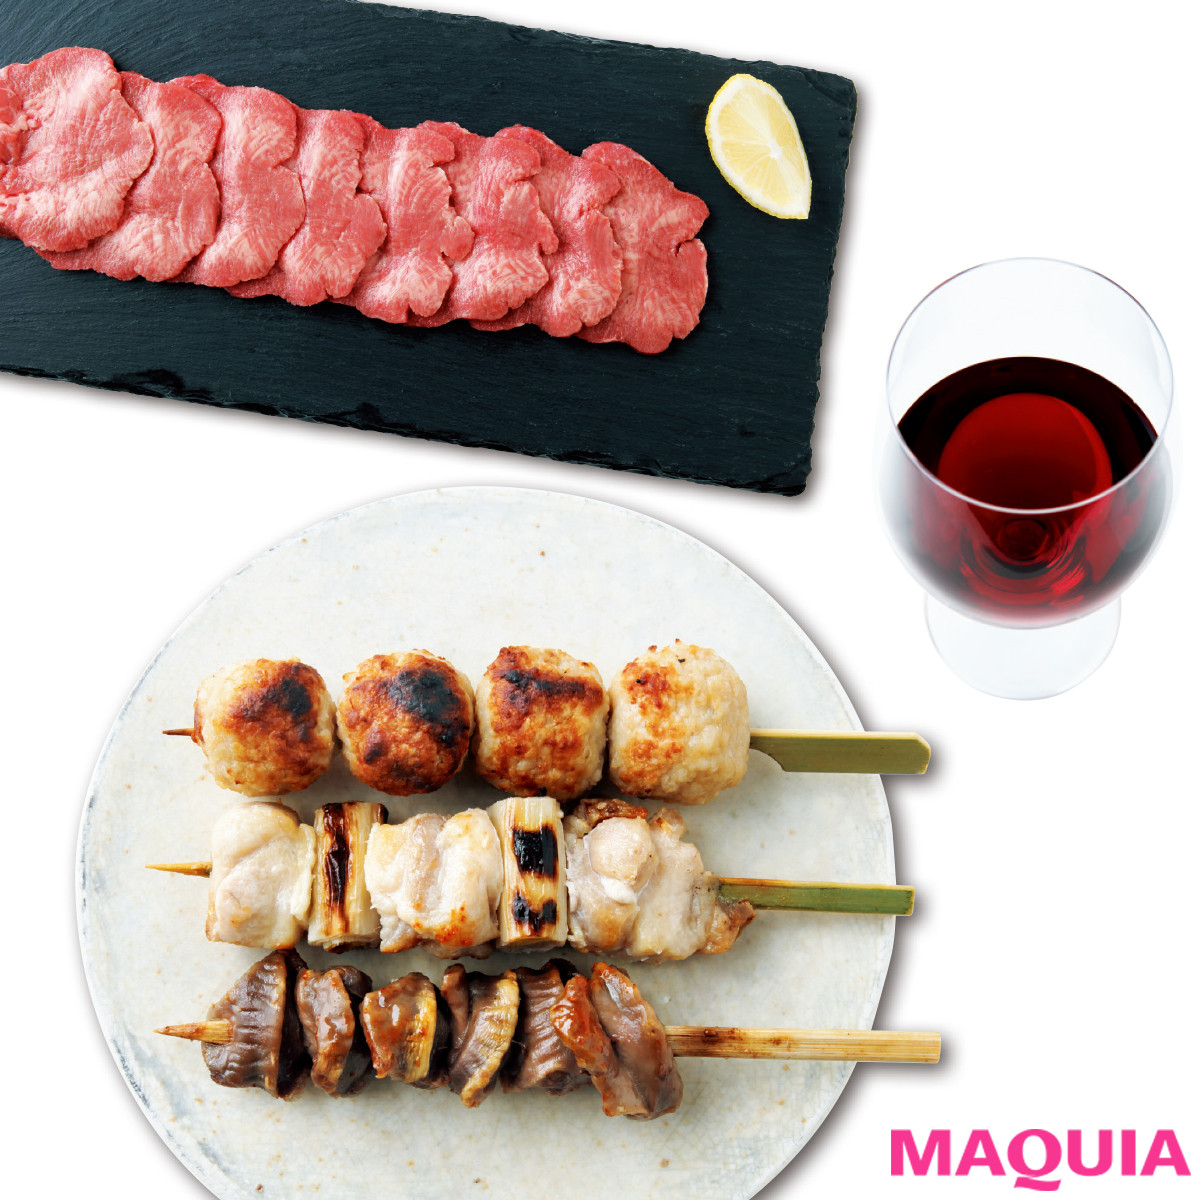 居酒屋は低糖質の宝庫、焼肉はサンチュと共に…… 太らない外食メニューの選び方